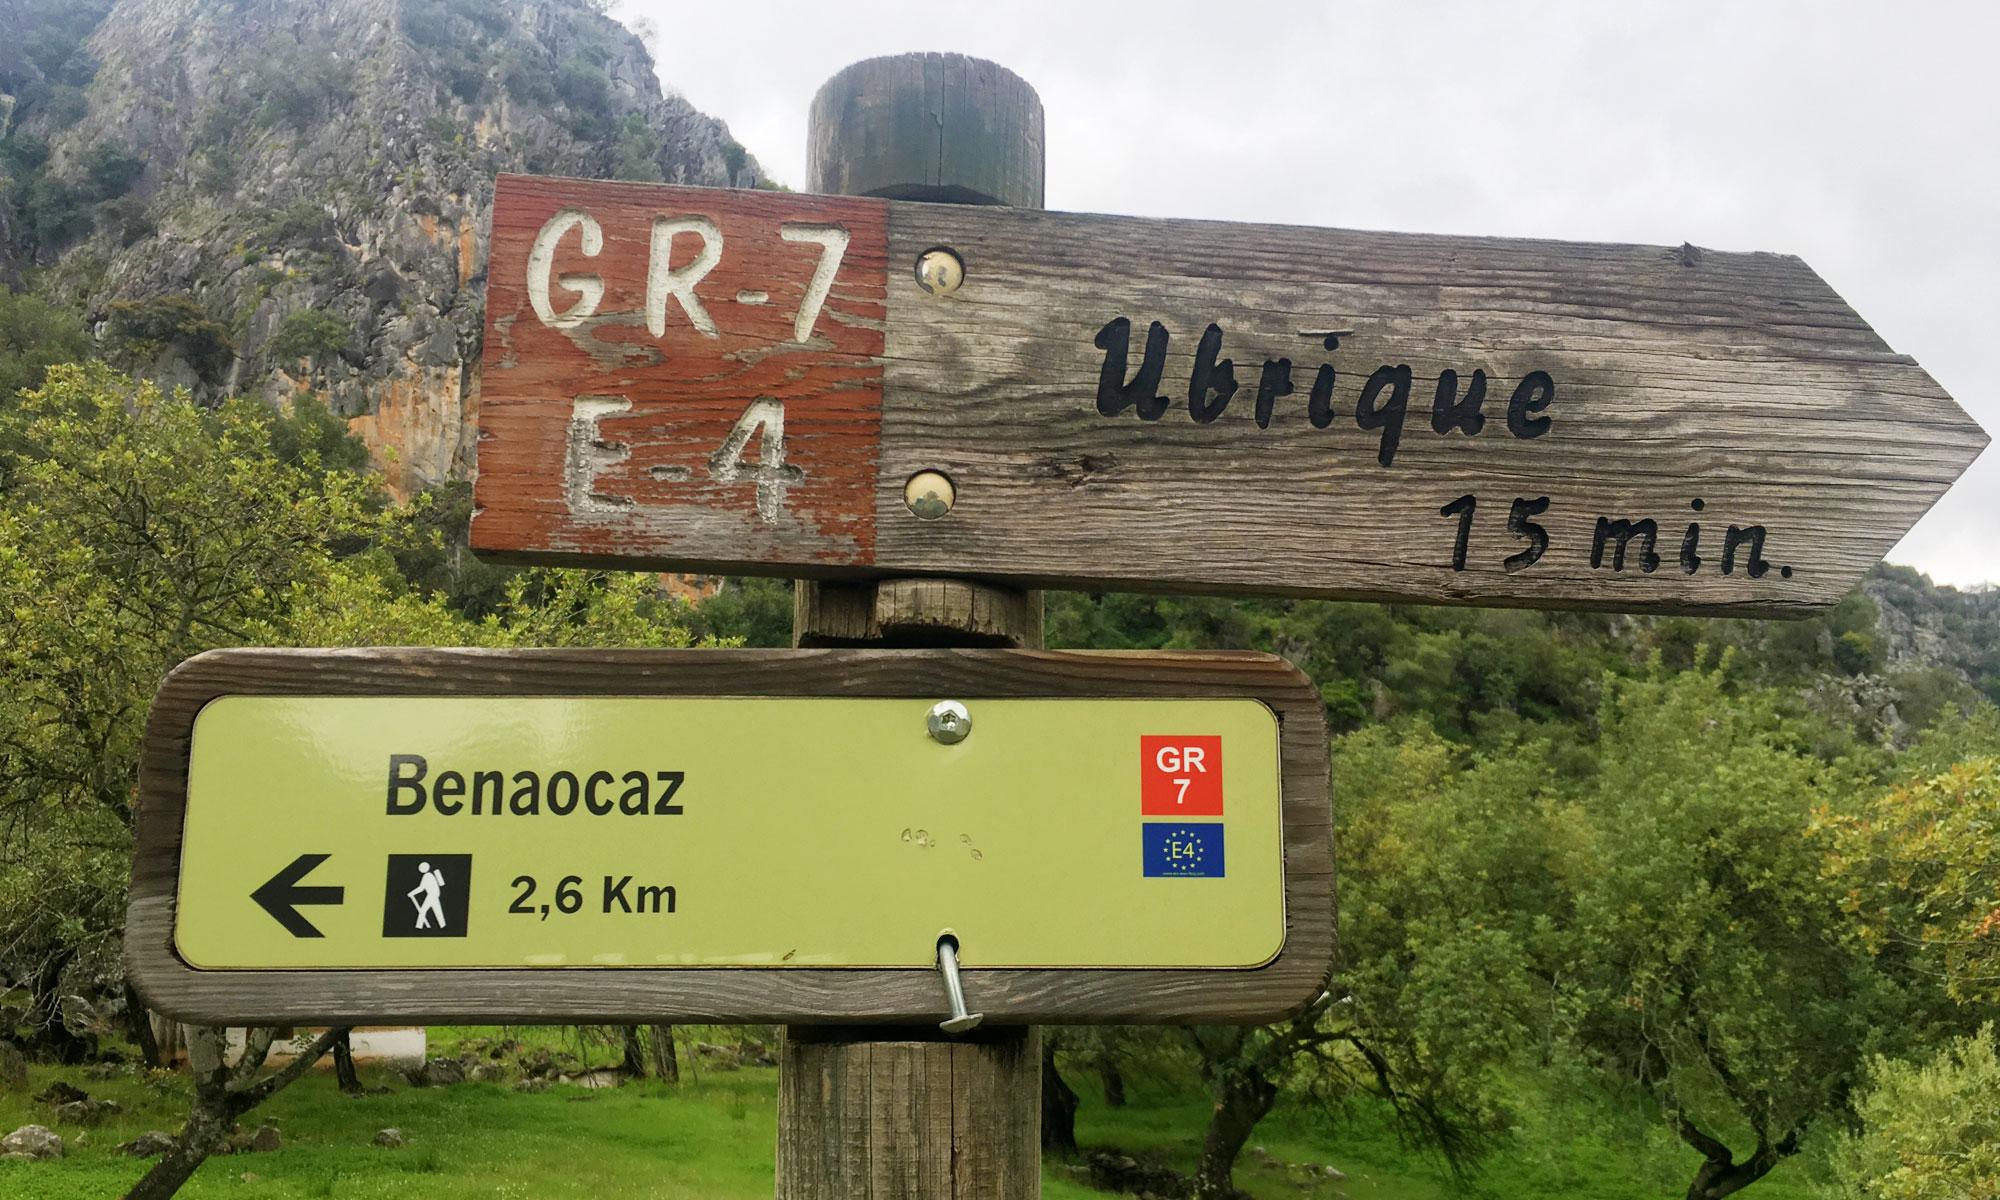 Wandelroute GR-7 Sierra de Grazalema